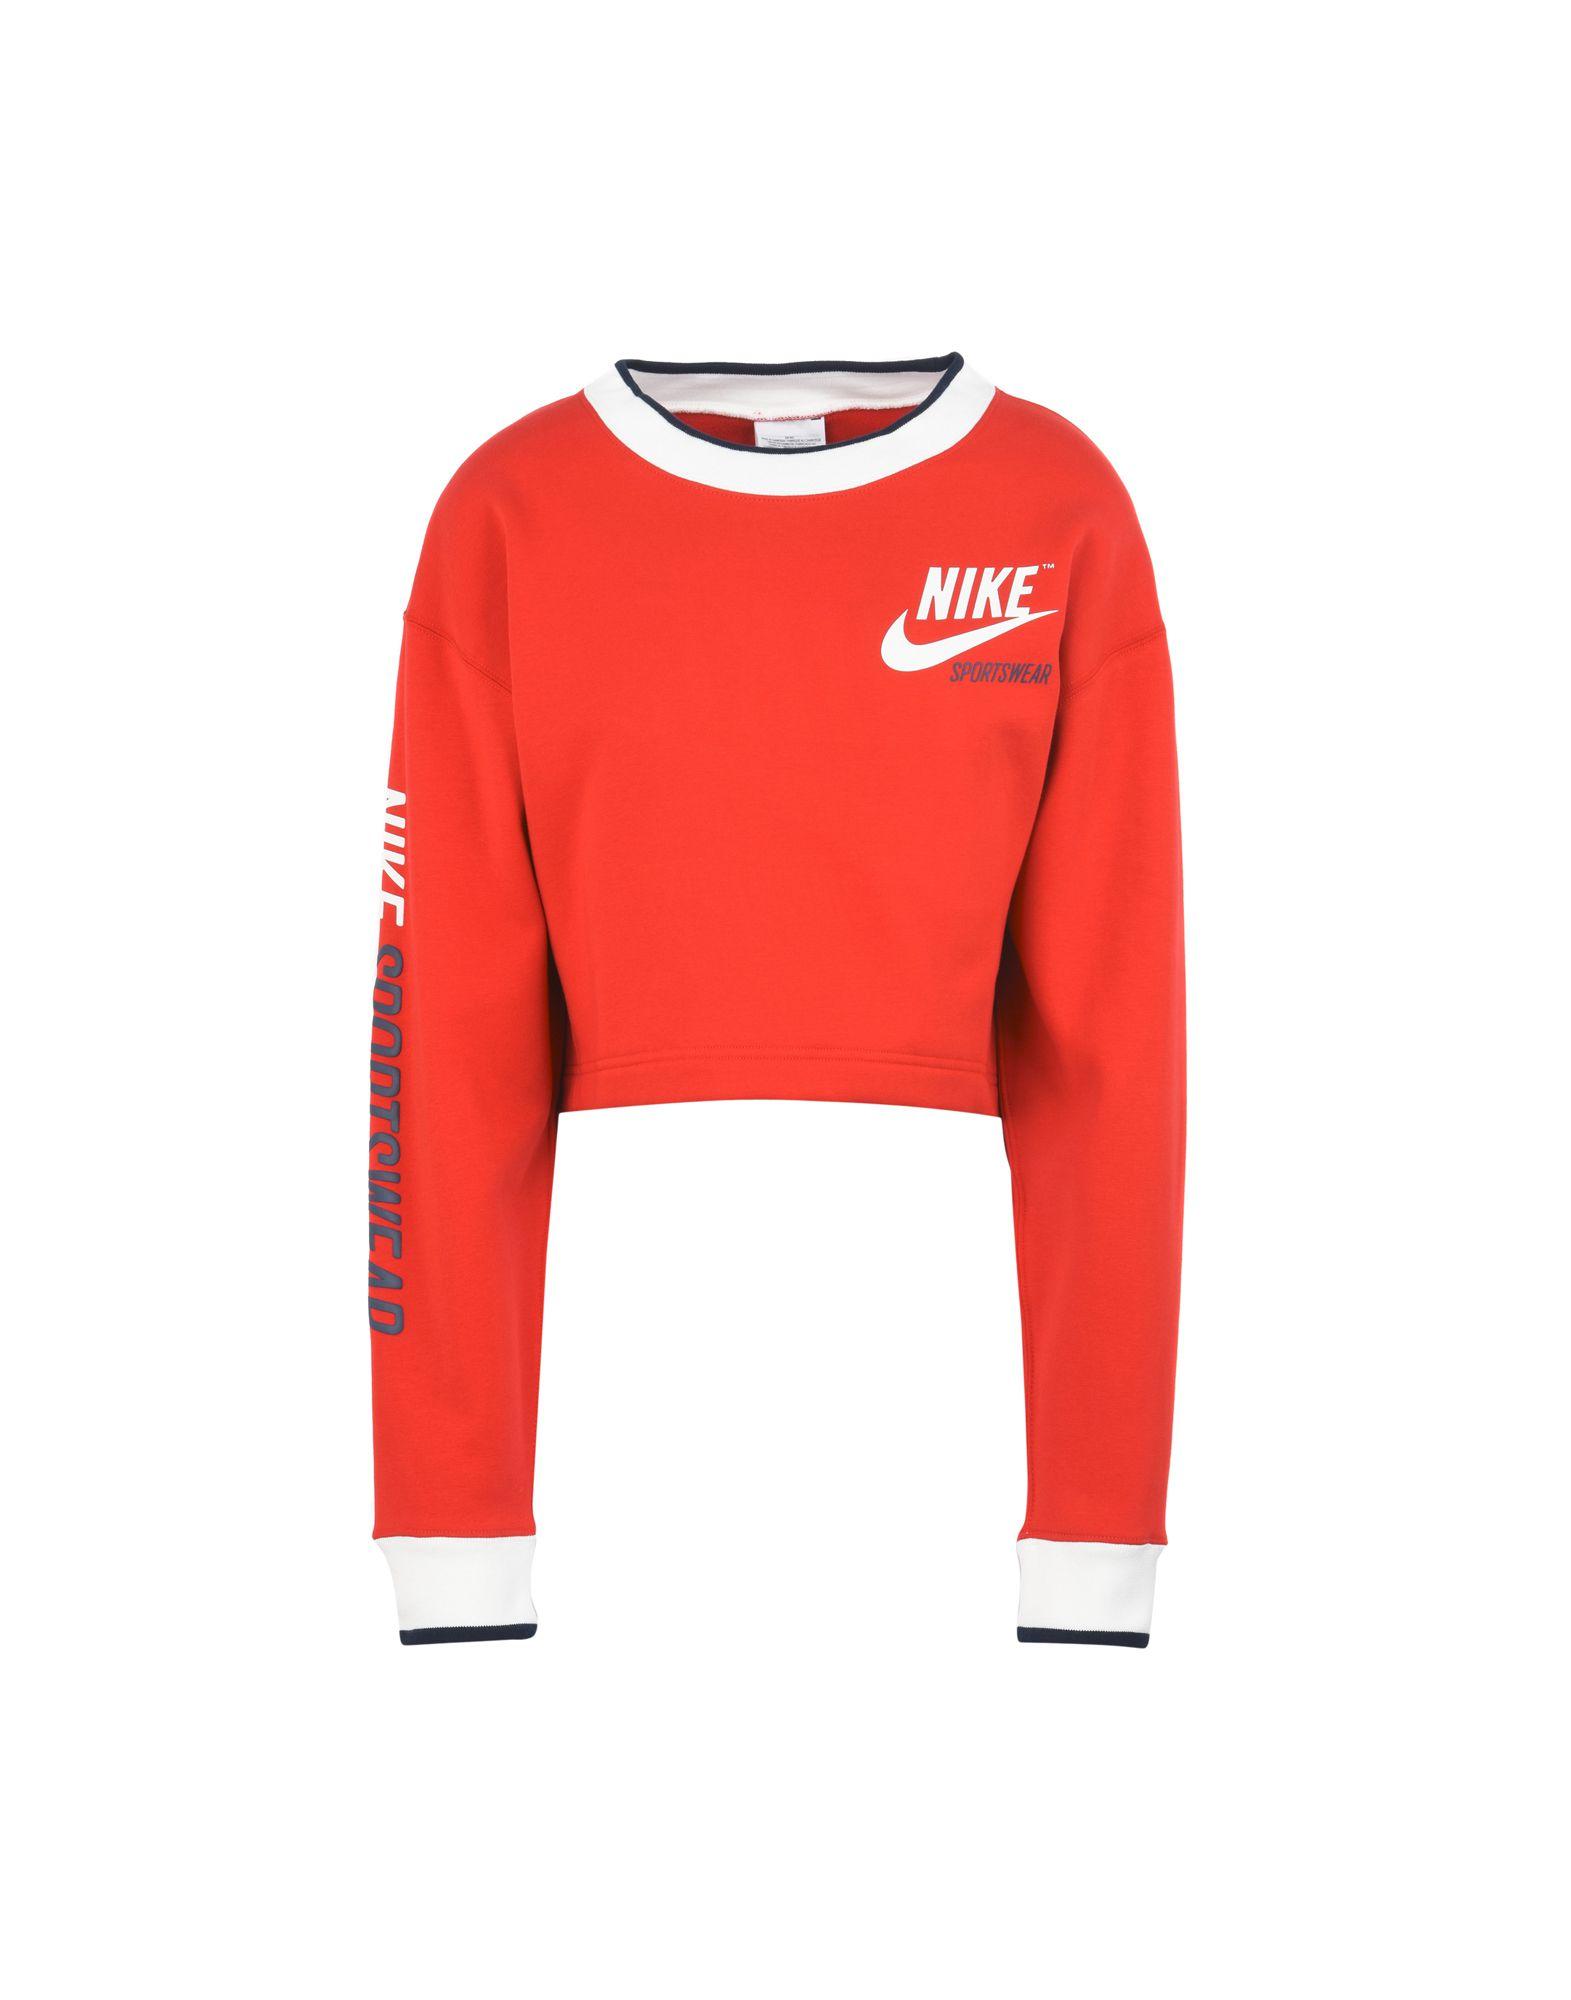 meet 0b706 17b1d NIKE Sweatshirt - Jumpers and Sweatshirts   YOOX.COM